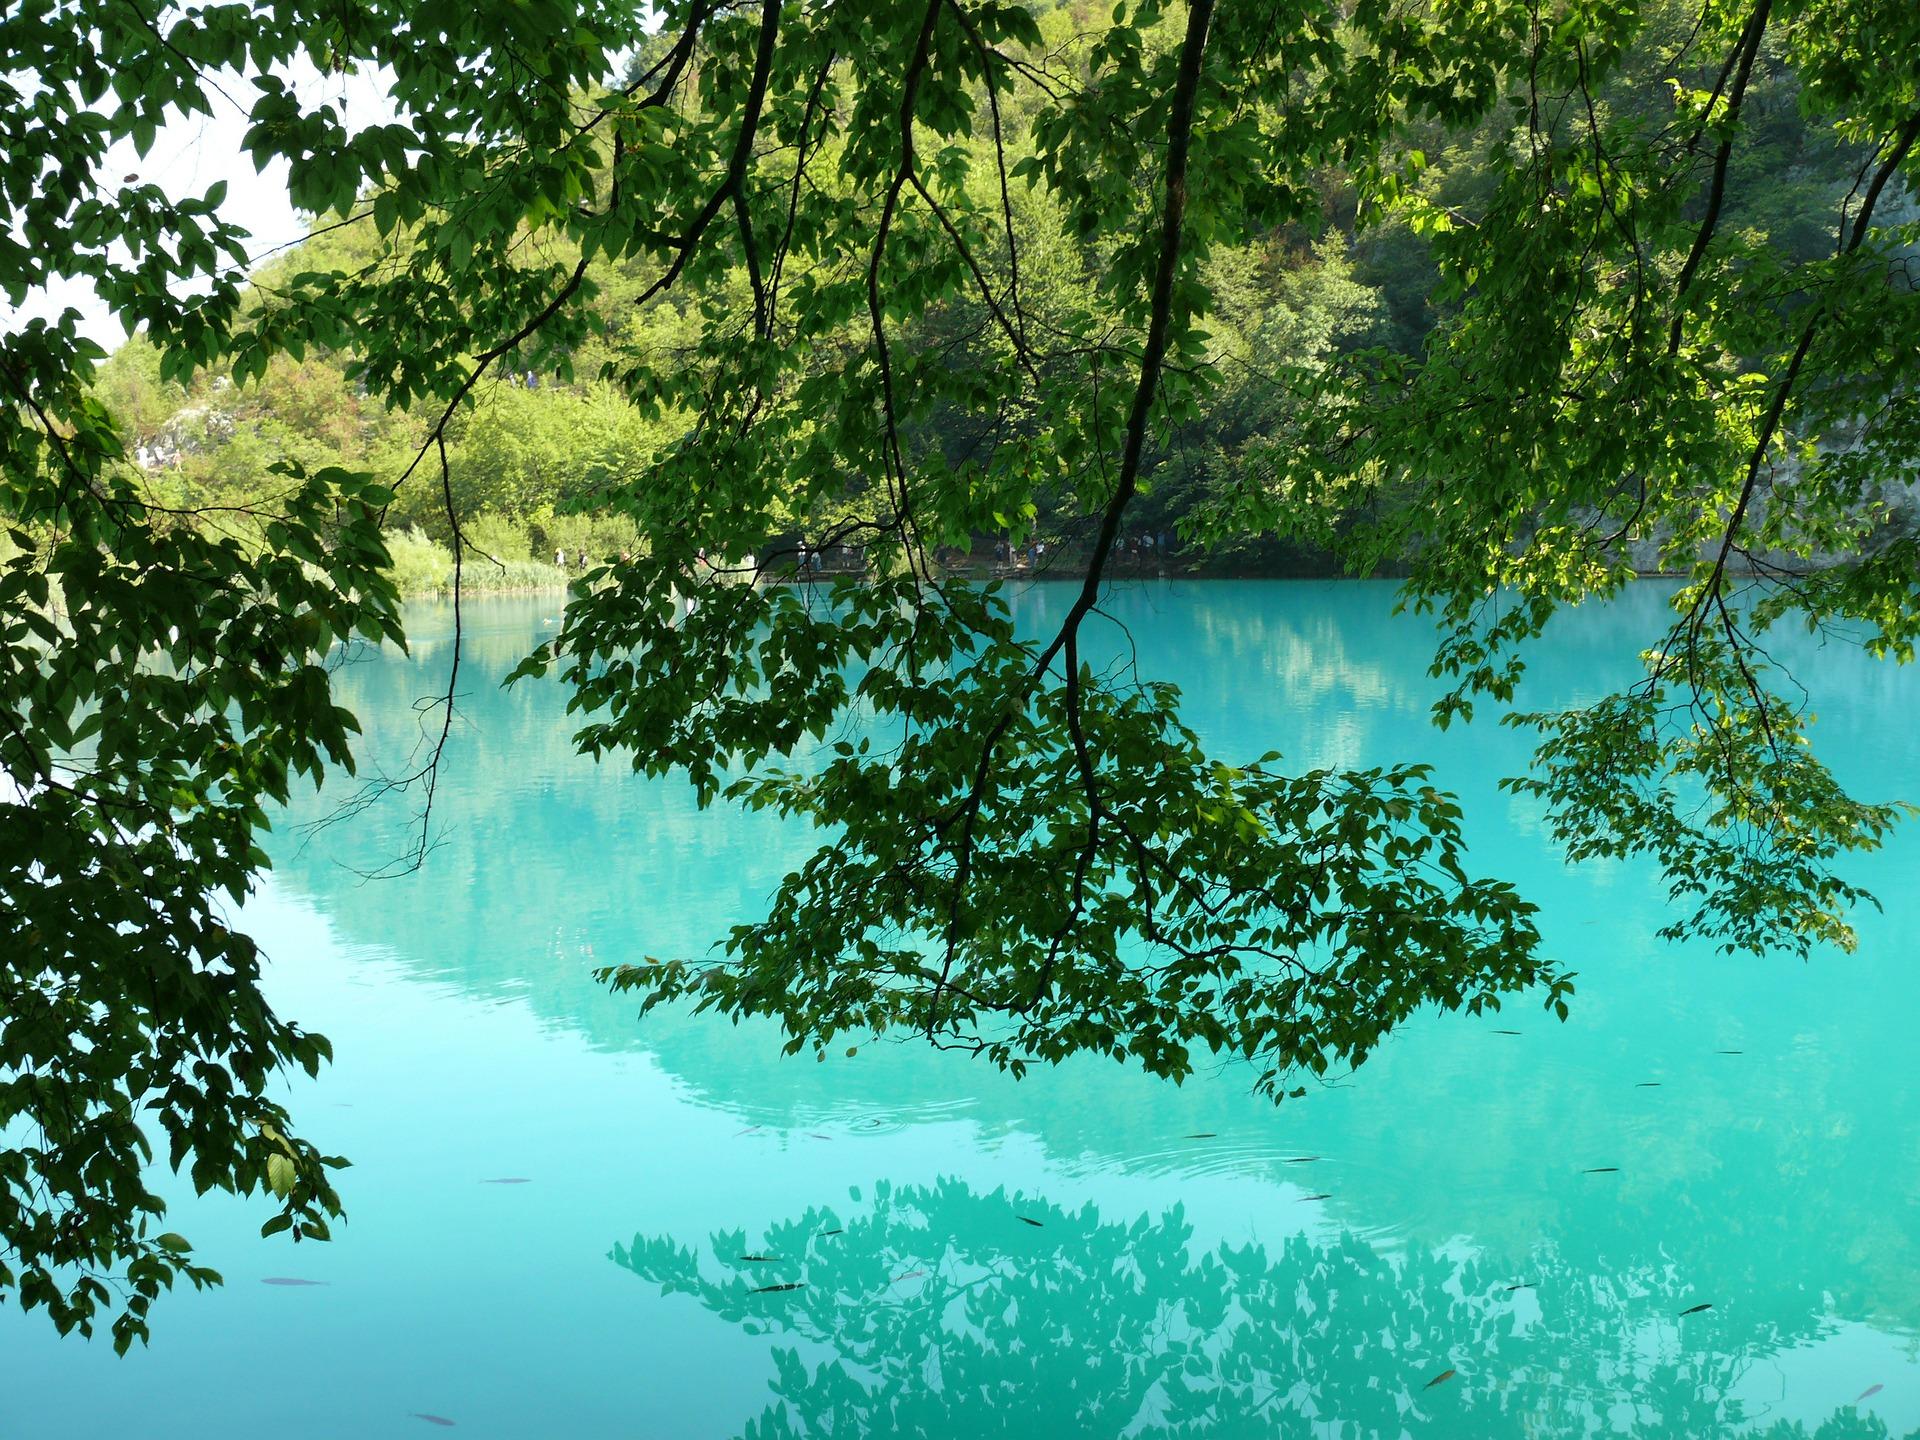 plitvice-lakes-73176_1920